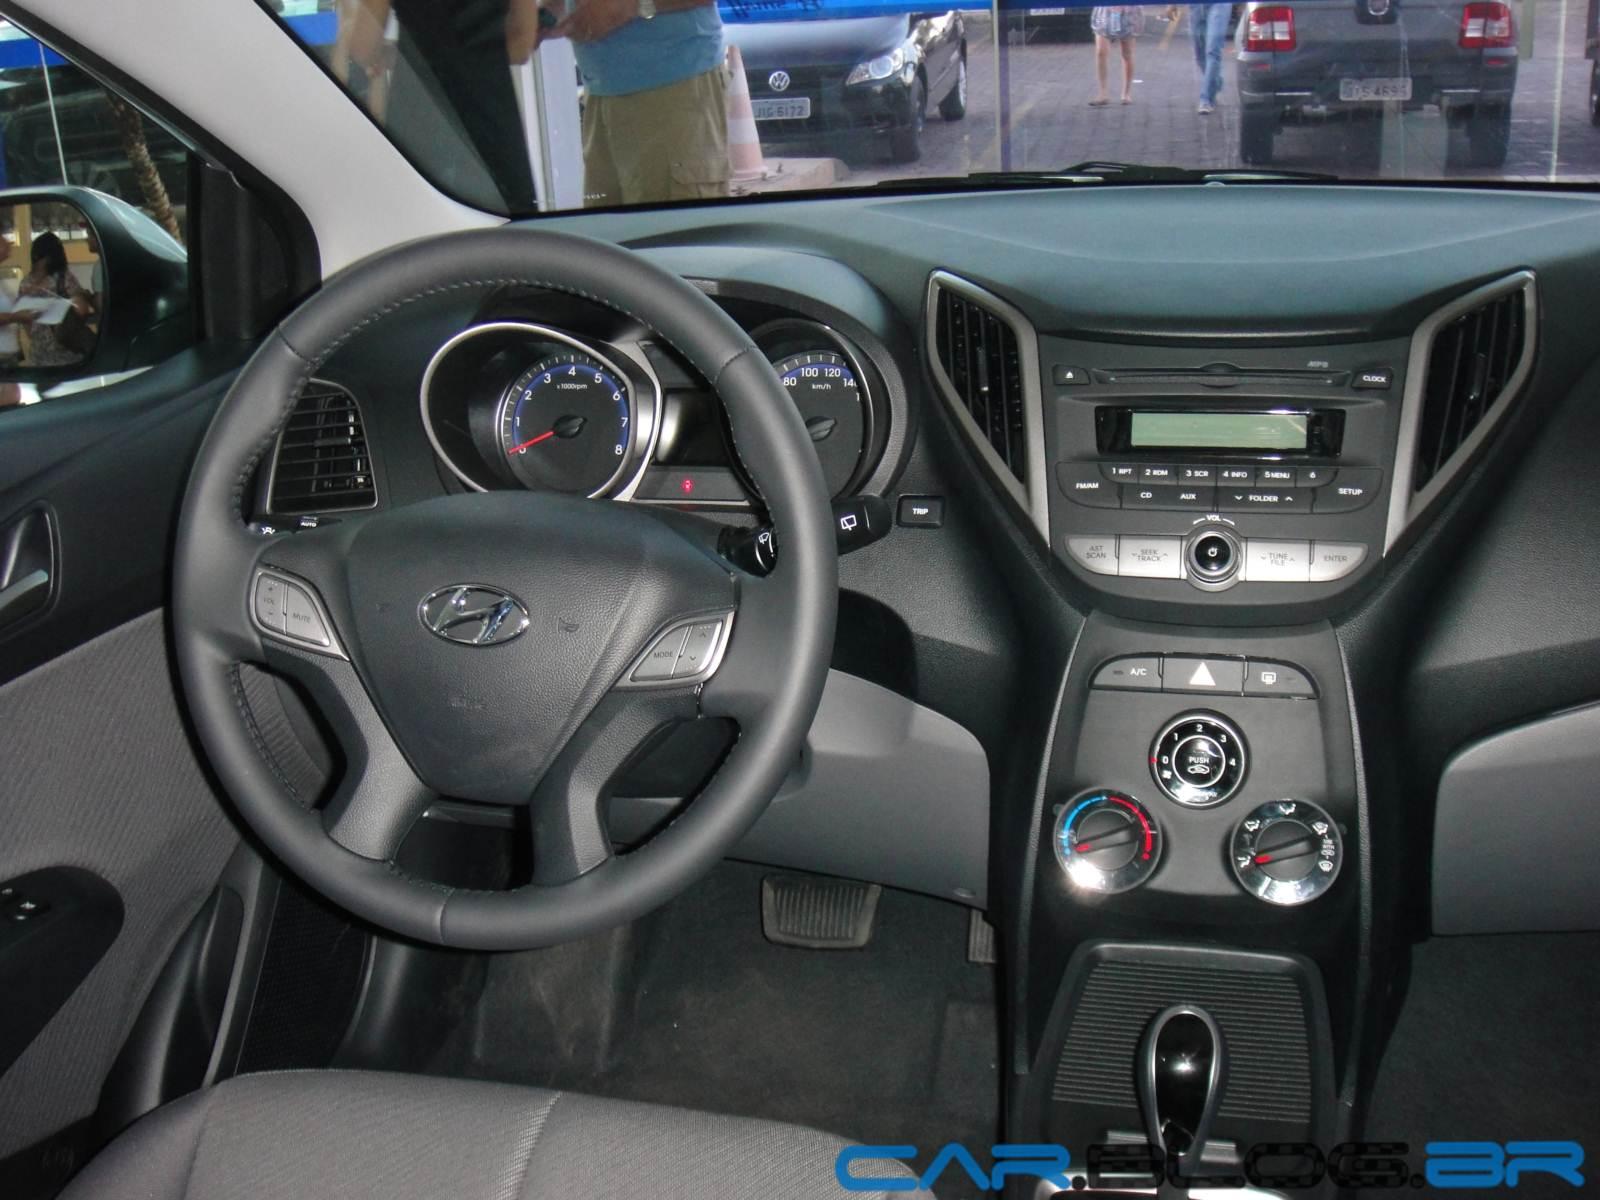 Hb 20 Premium 1 6 Autom 225 Tico Fotos Pre 231 O Consumo E